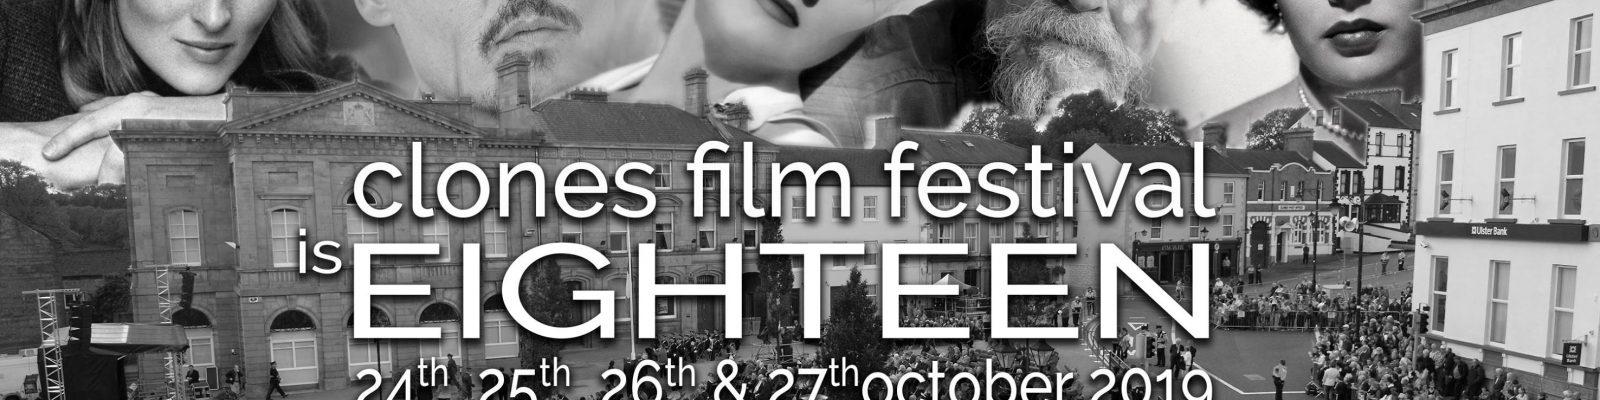 Clones Film Festival